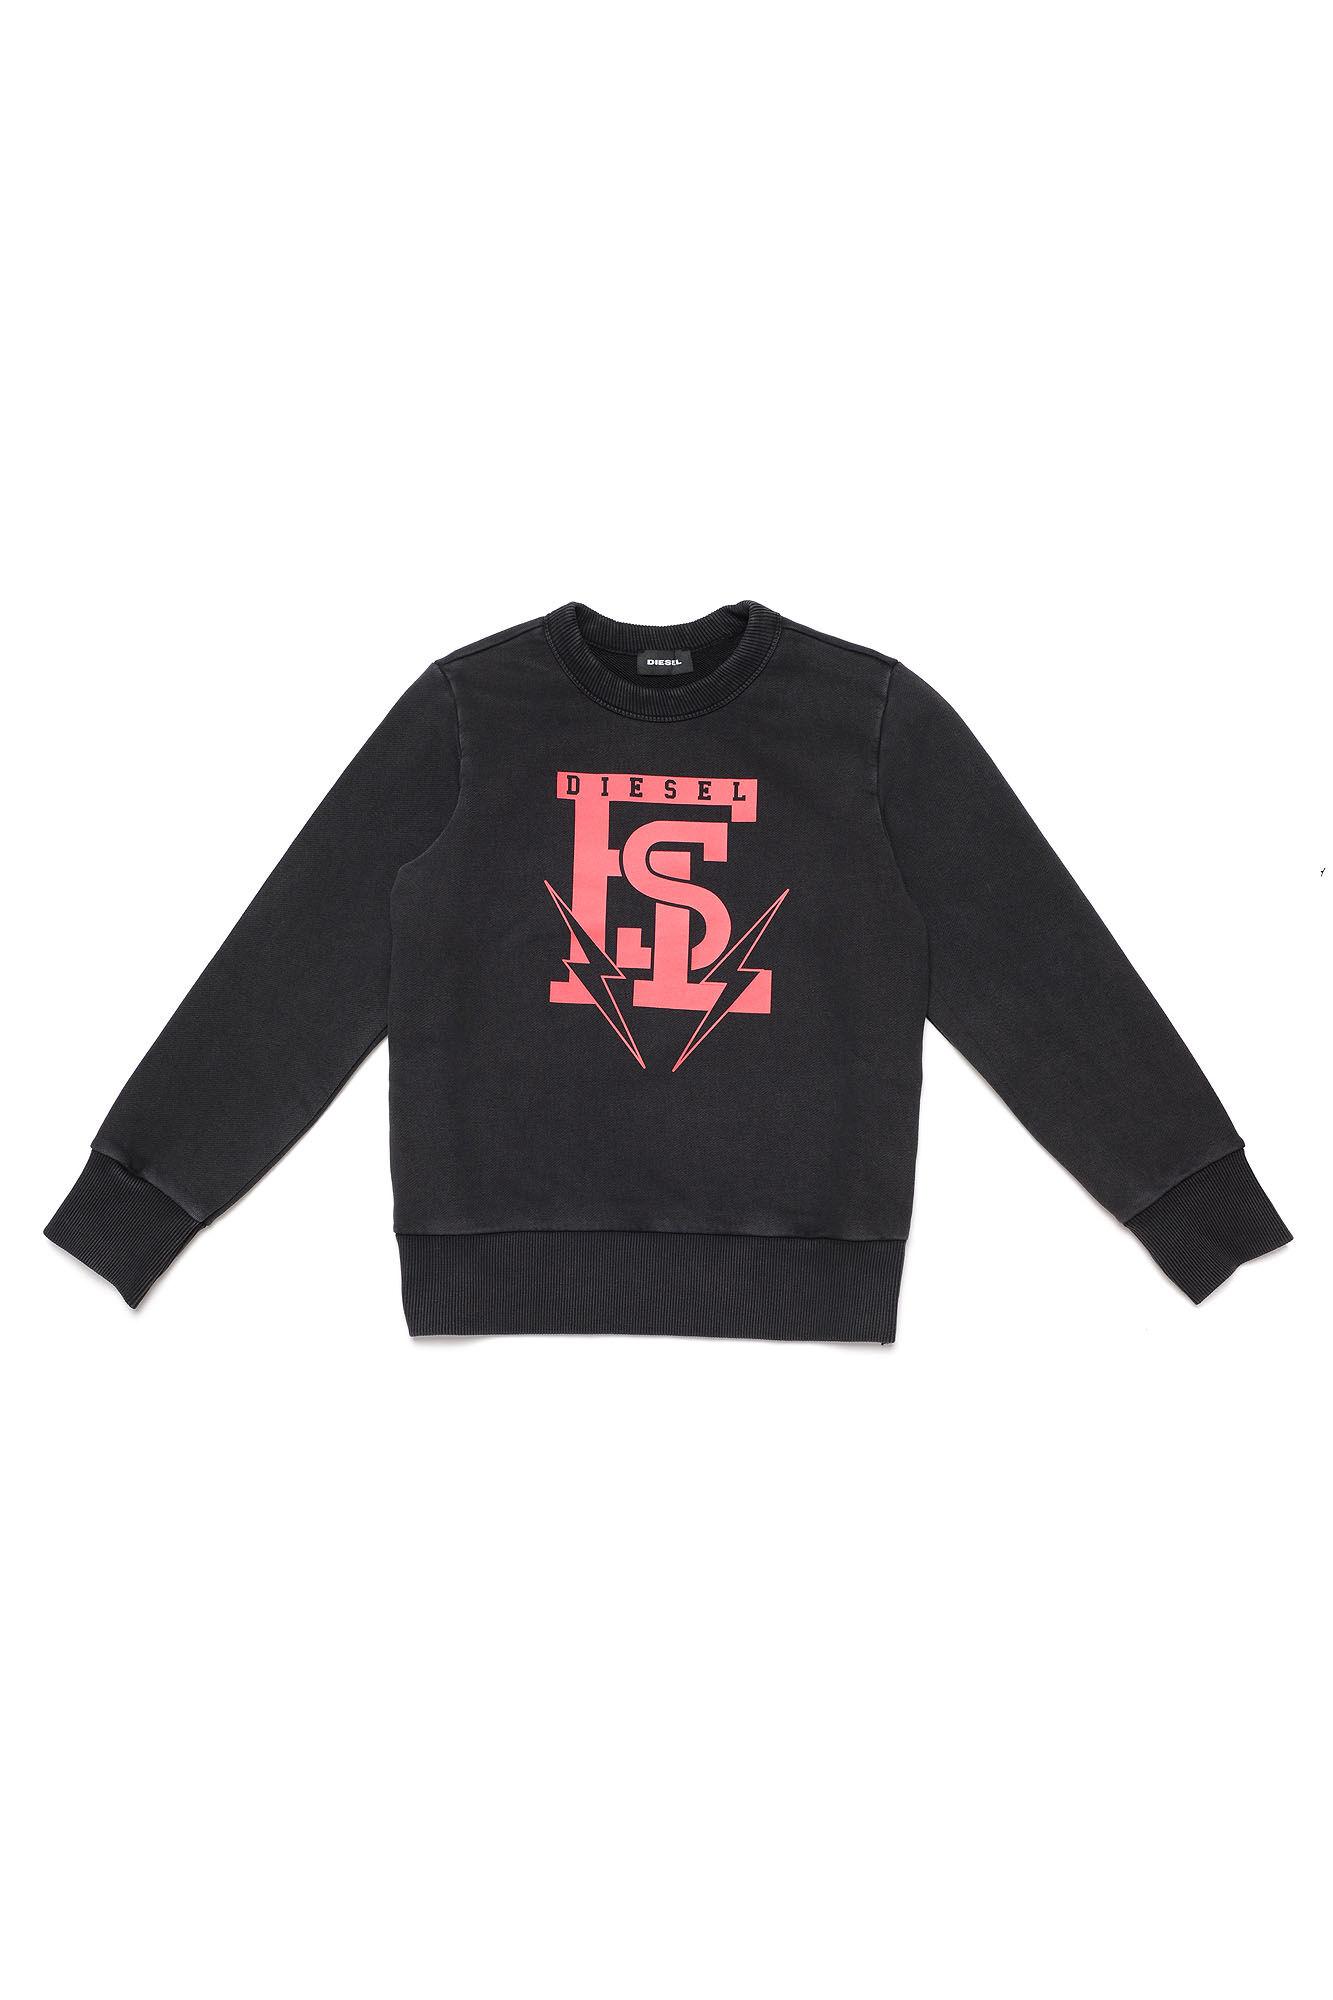 Sbayb5 Sweatshirt - Diesel Kid